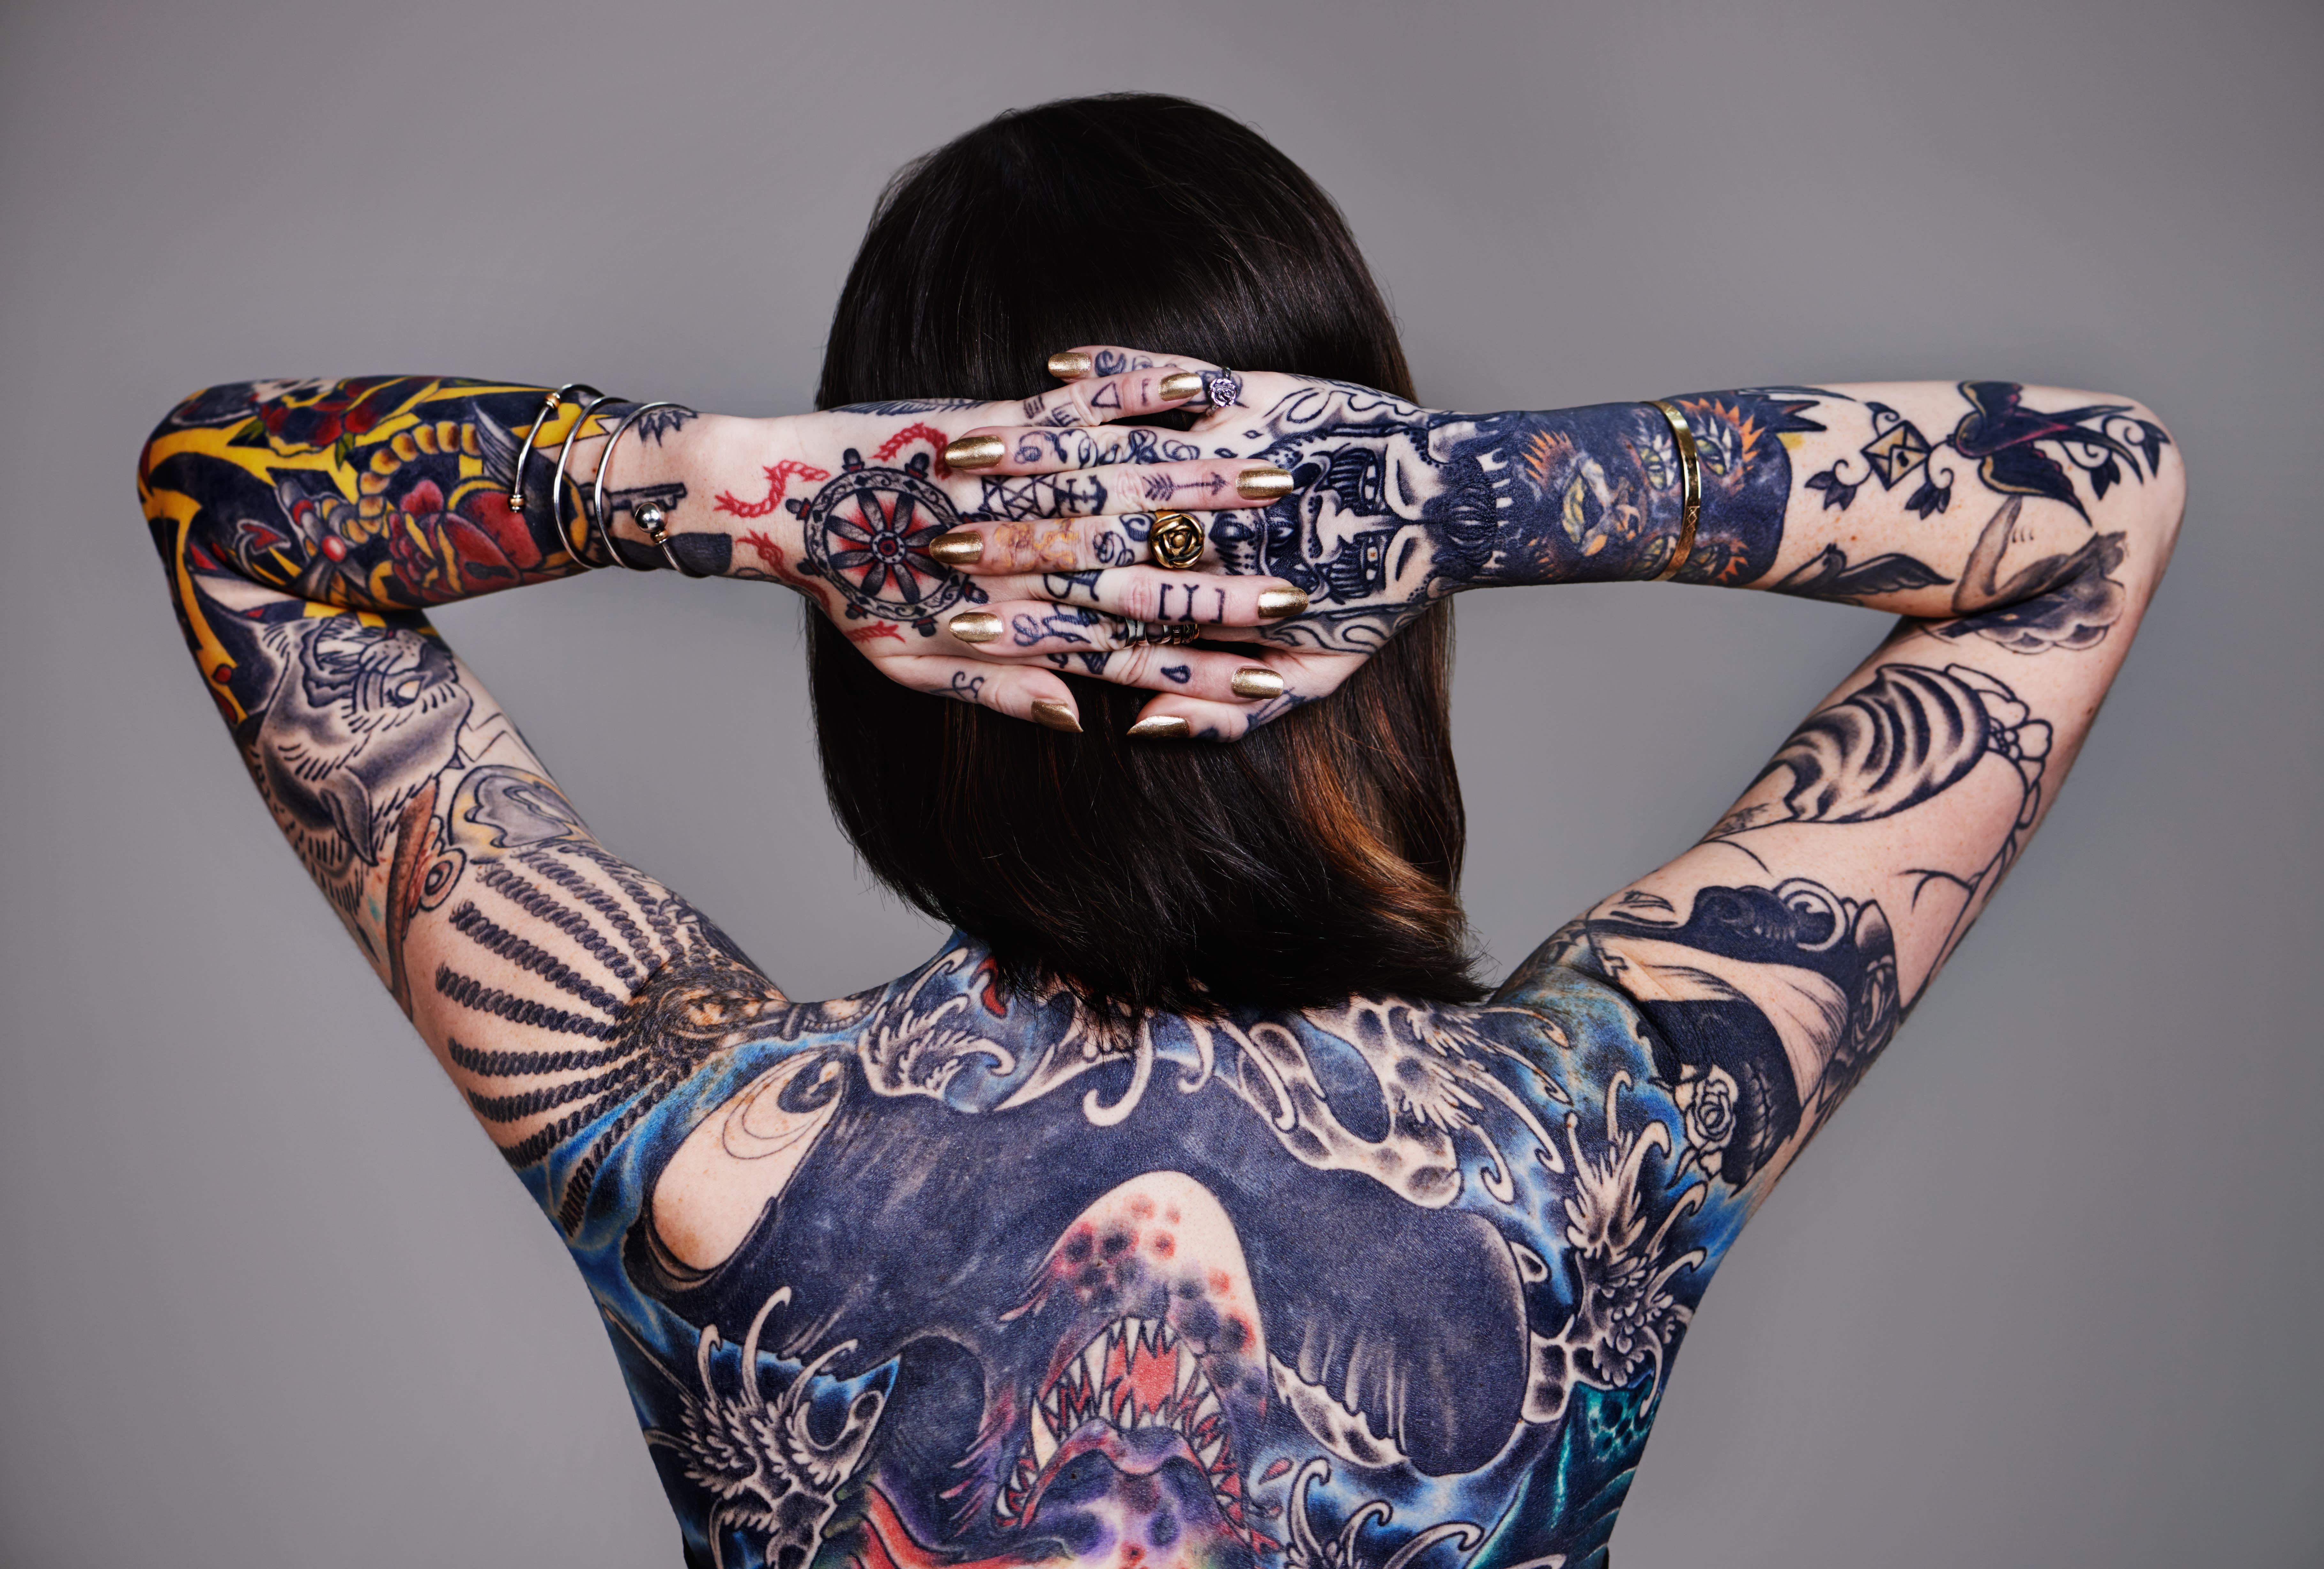 wann soll ich die folie nach dem tattoo abnehmen